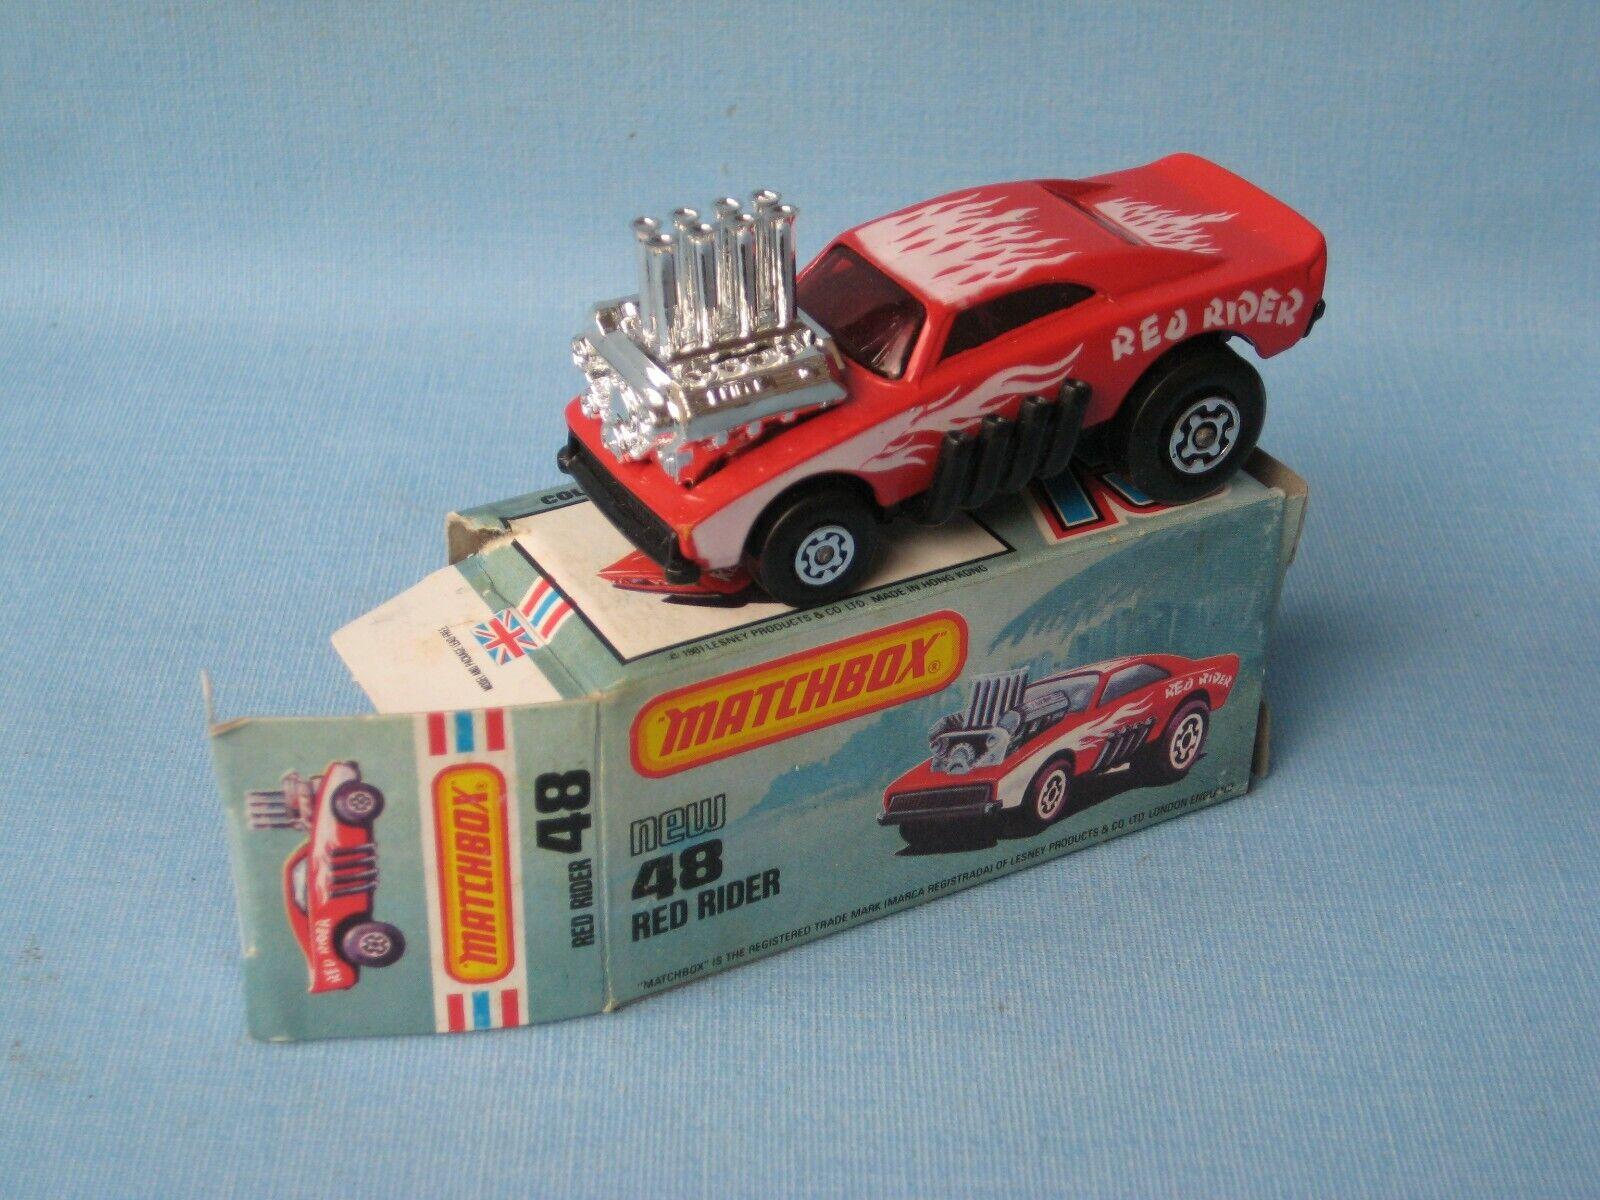 Matchbox 48 Rojo Rider Pi-eyed Piper usa imagen Caja 75mm rara en Caja súperfast